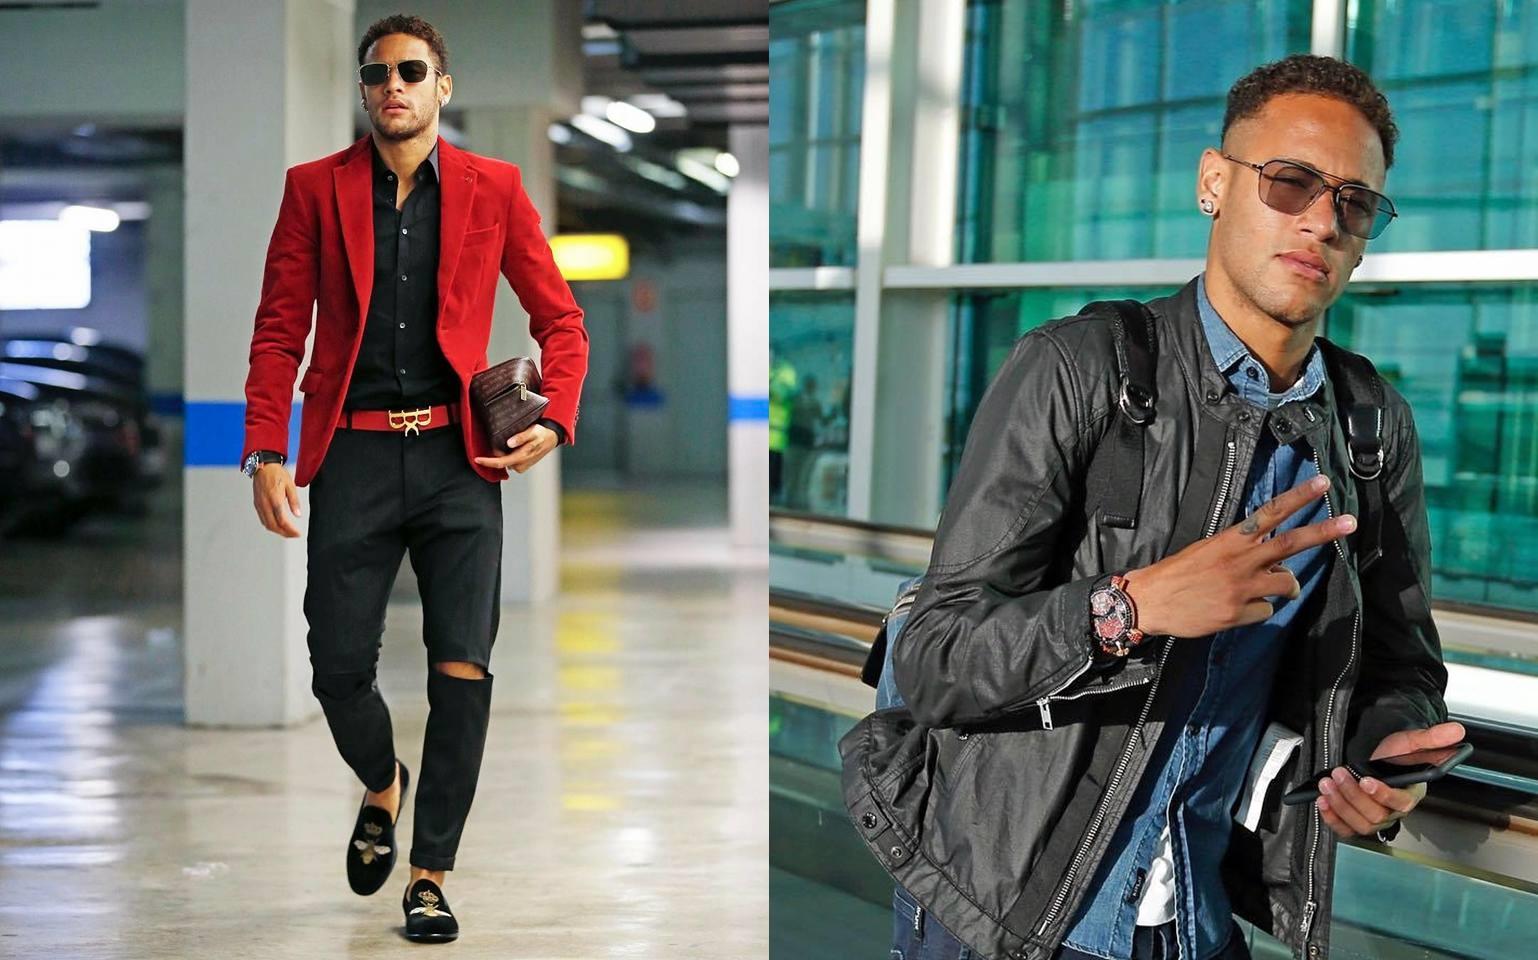 neymar jr, estilo masculino, cabelo do neymar 2017, haircut, hairstyle, blog de moda masculina, moda sem censura, alex cursino, youtuber, blogger, dicas de moda,